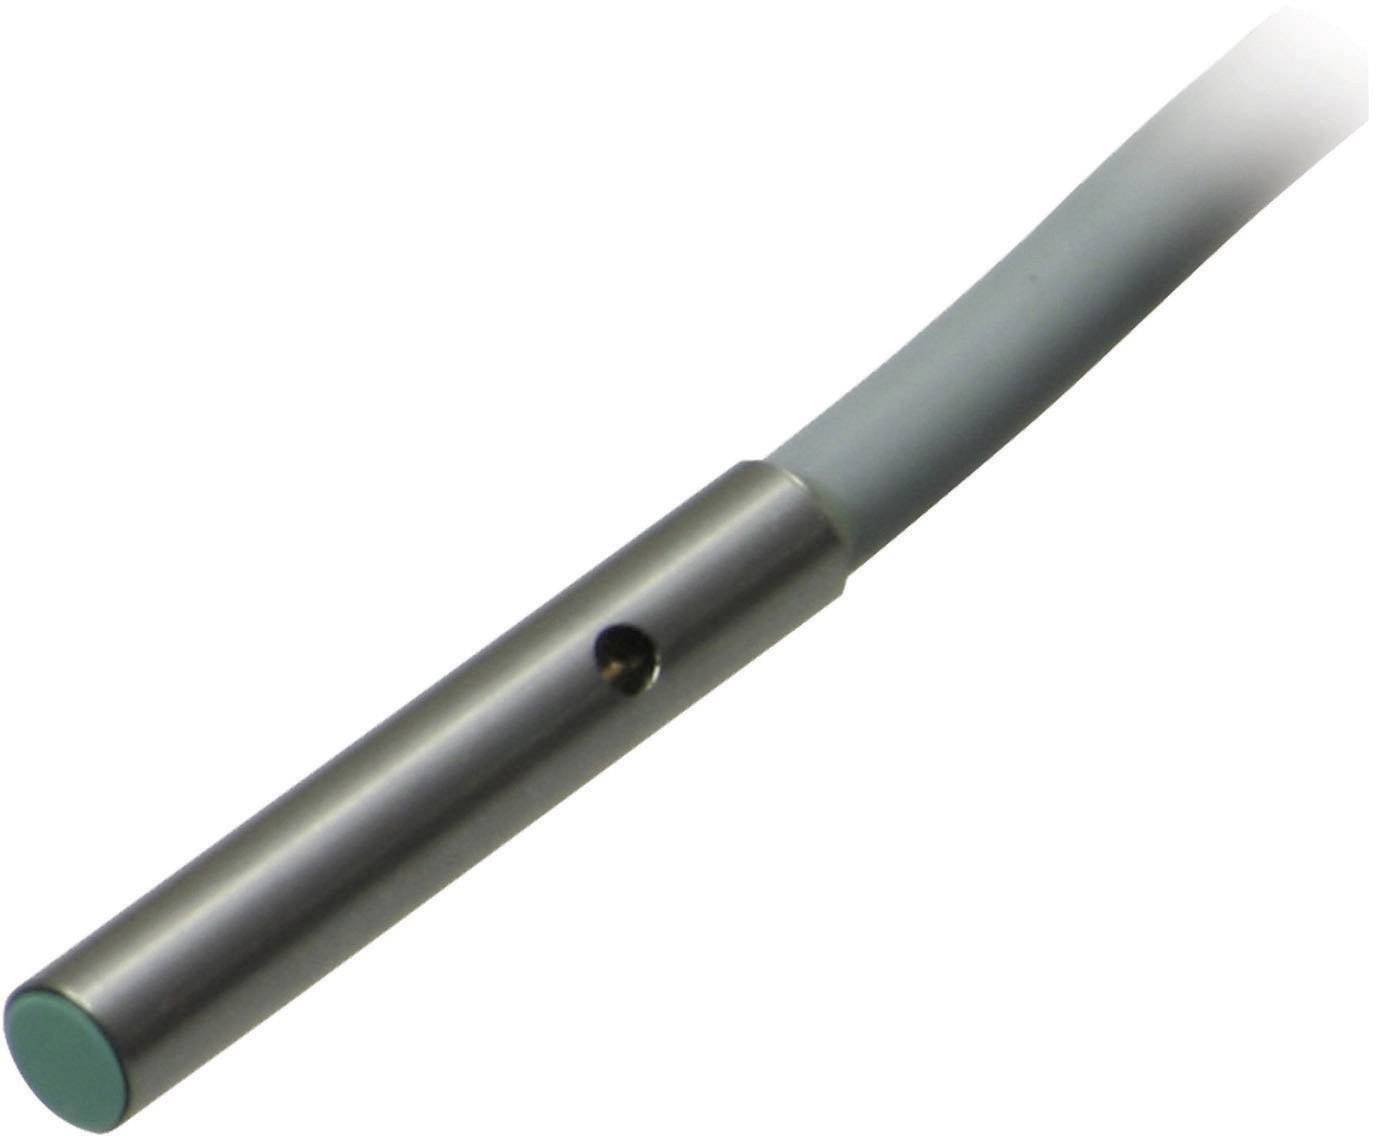 Indukční senzor přiblížení Pepperl & Fuchs NBB0,8-4M25-E2-0,3-V3, 0,8 mm, IP67